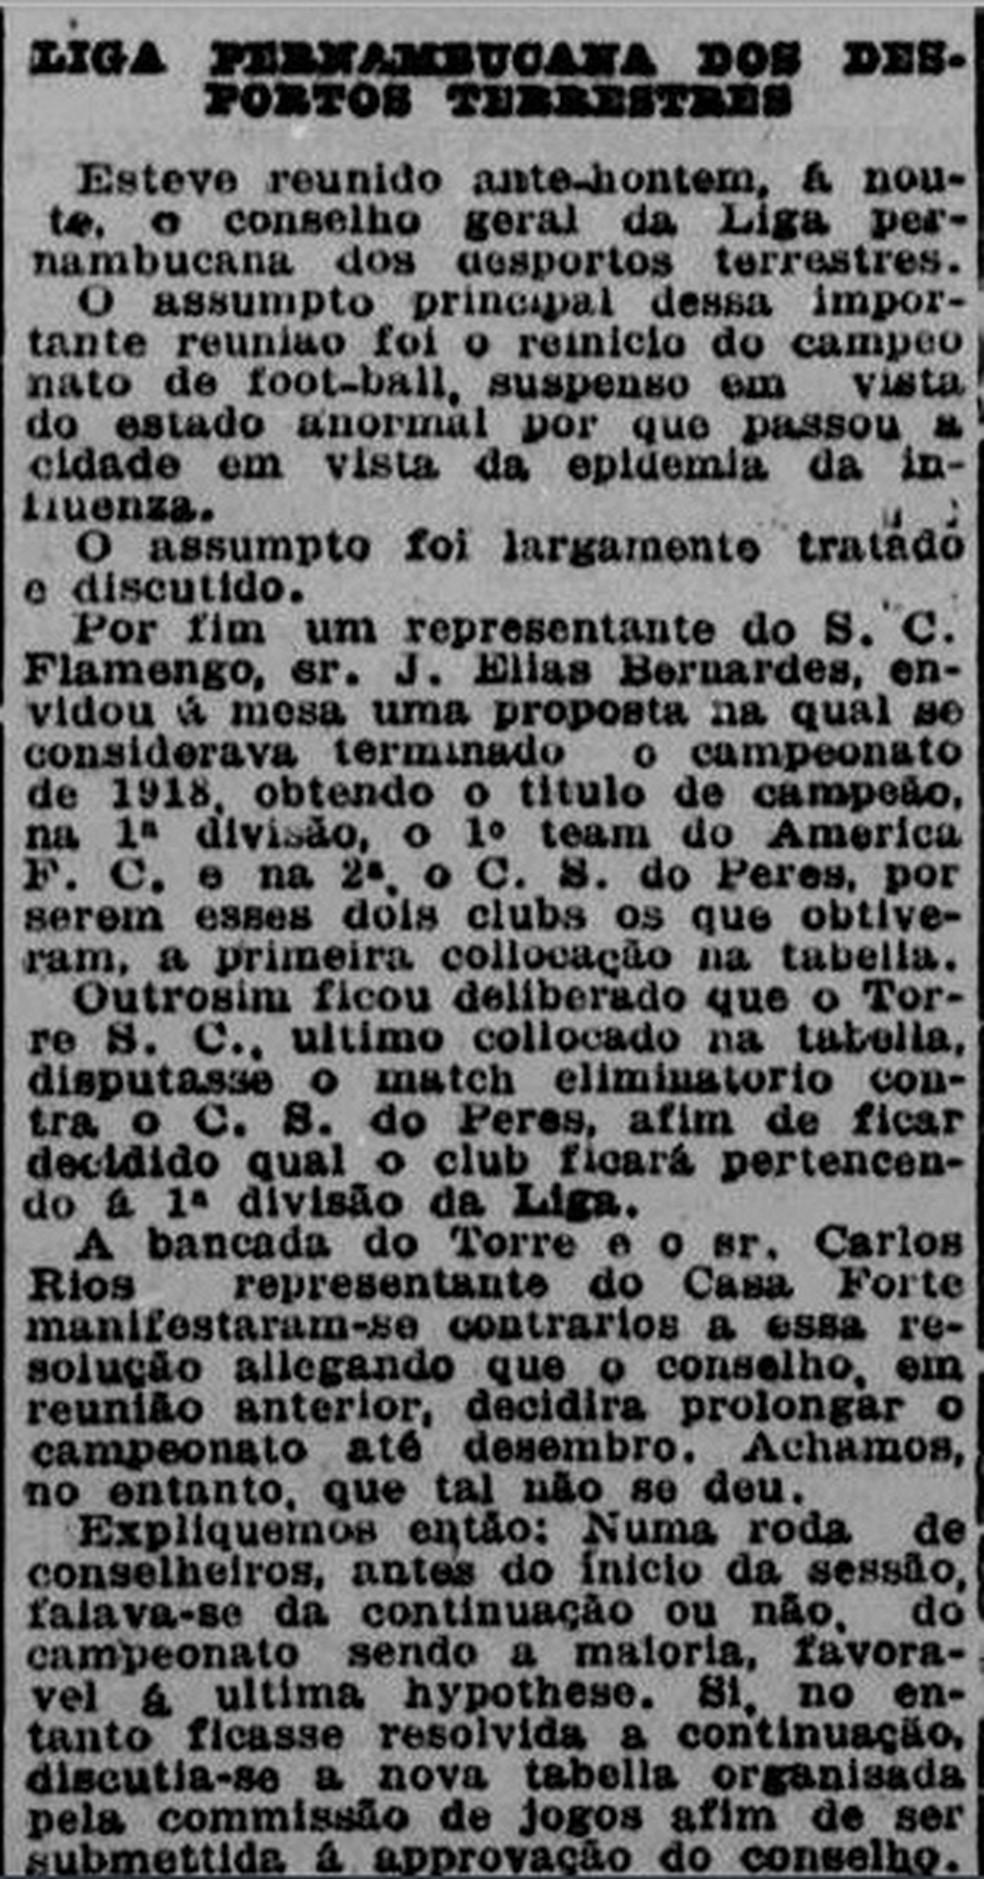 Jornal relata reunião em Pernambuco para ajustar calendário por causa da gripe espanhola — Foto: Reprodução/Diario de Pernambuco